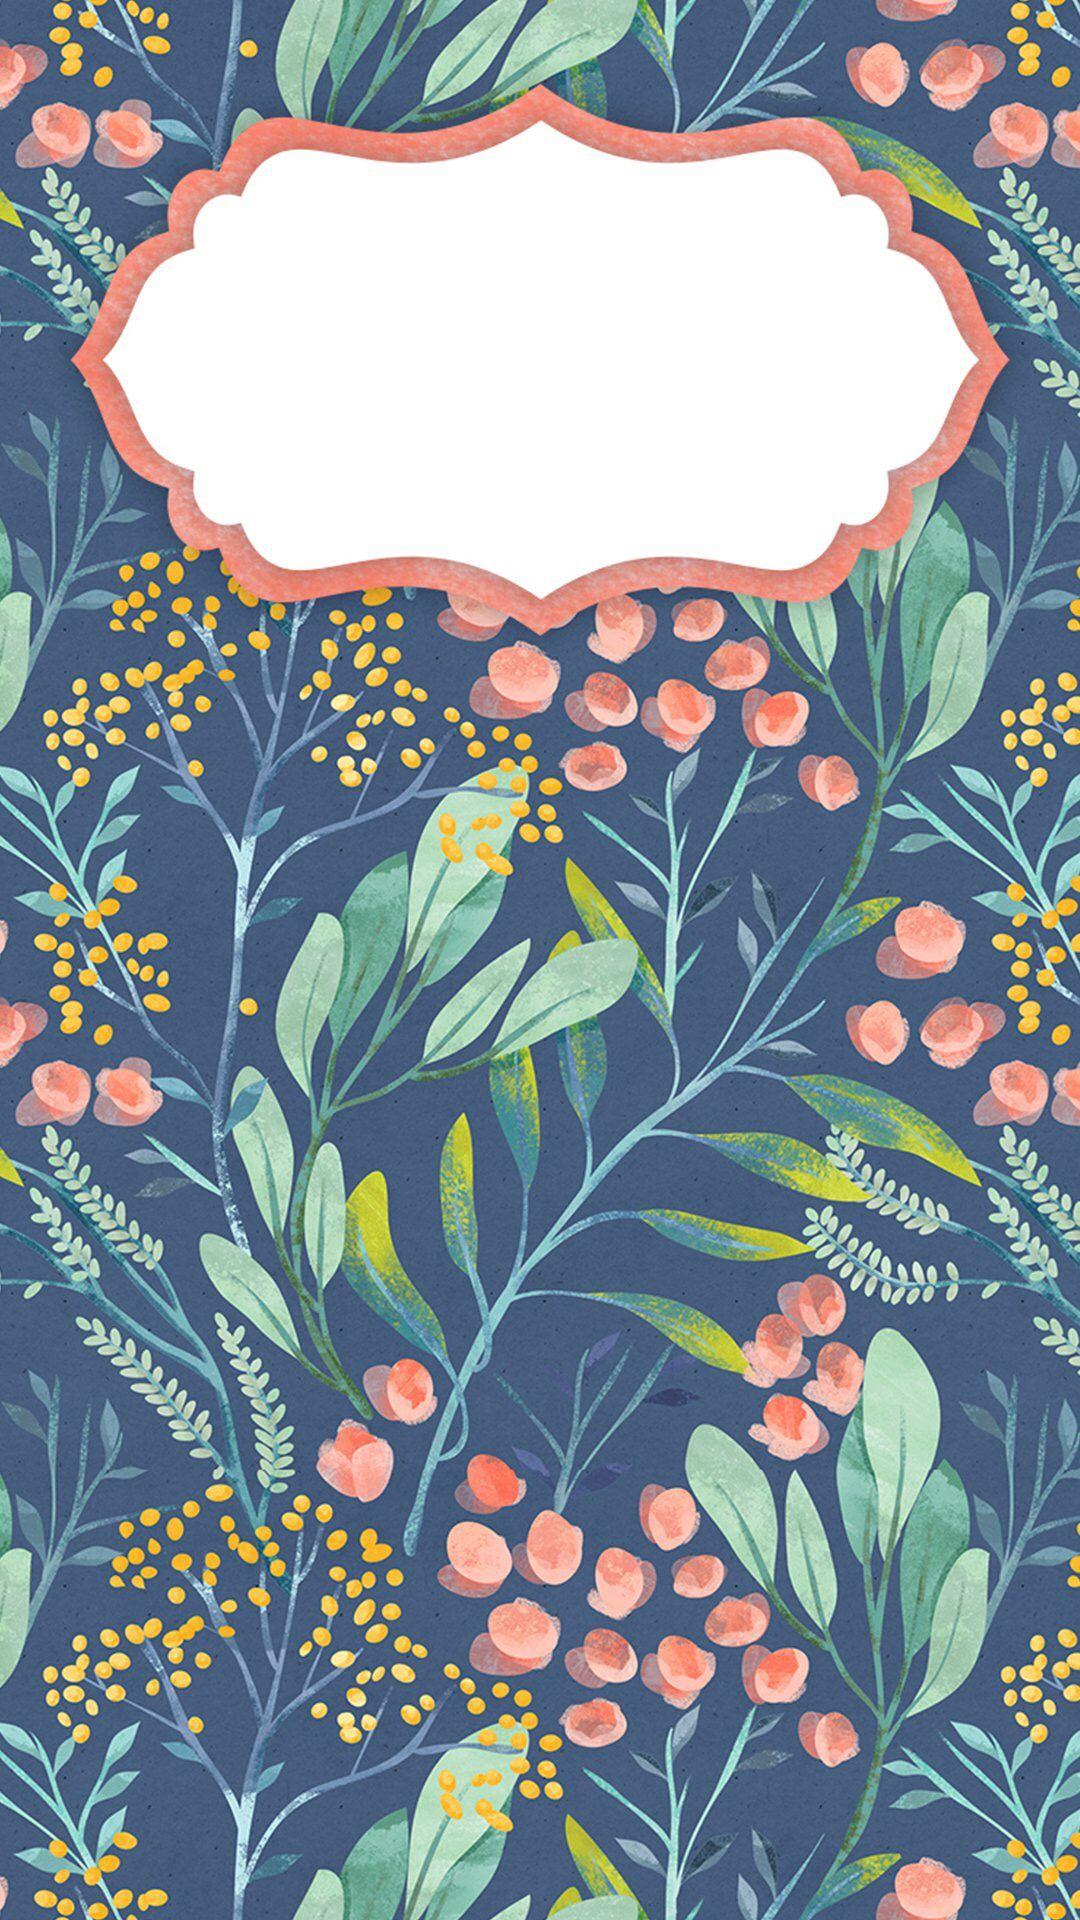 Ecologia Y Medio Ambiente Iphone Wallpaper Apple Wallpaper